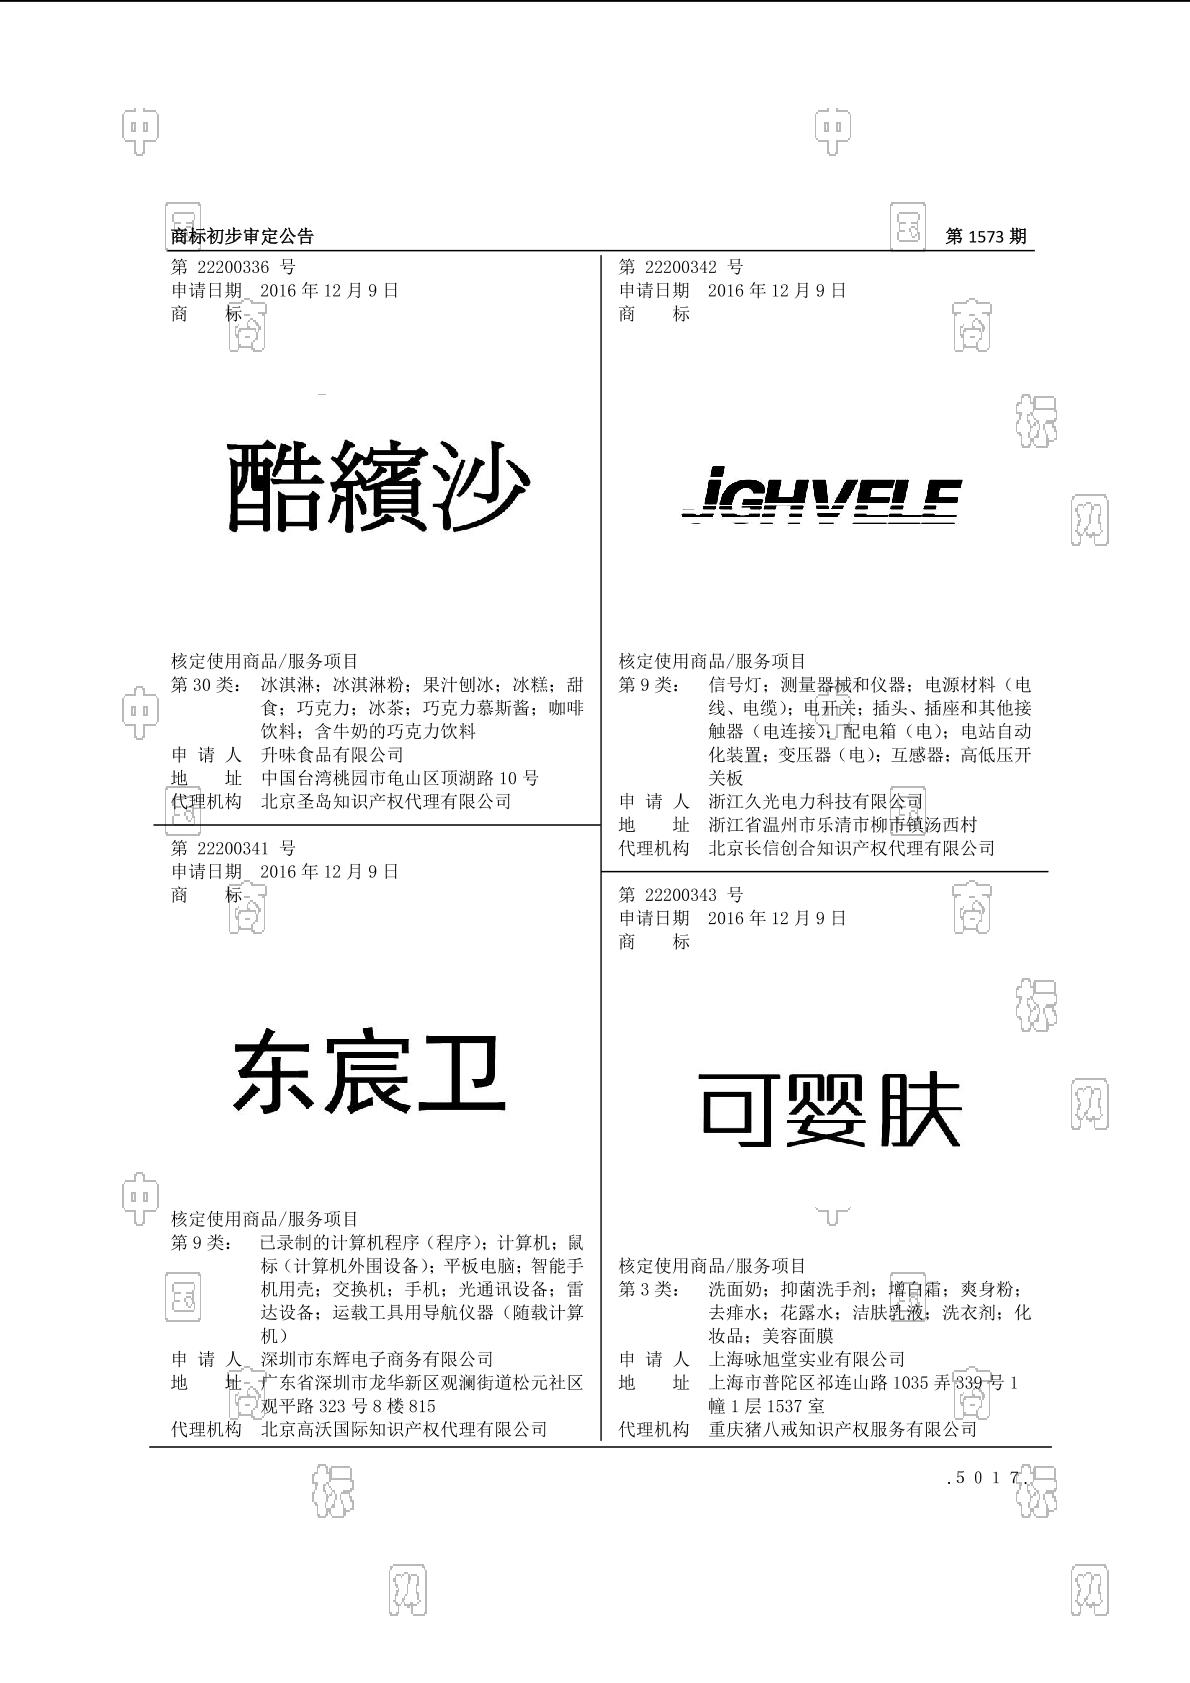 【社标网】JGHVELE商标状态注册号信息 浙江久光电力科技有限公司商标信息-商标查询